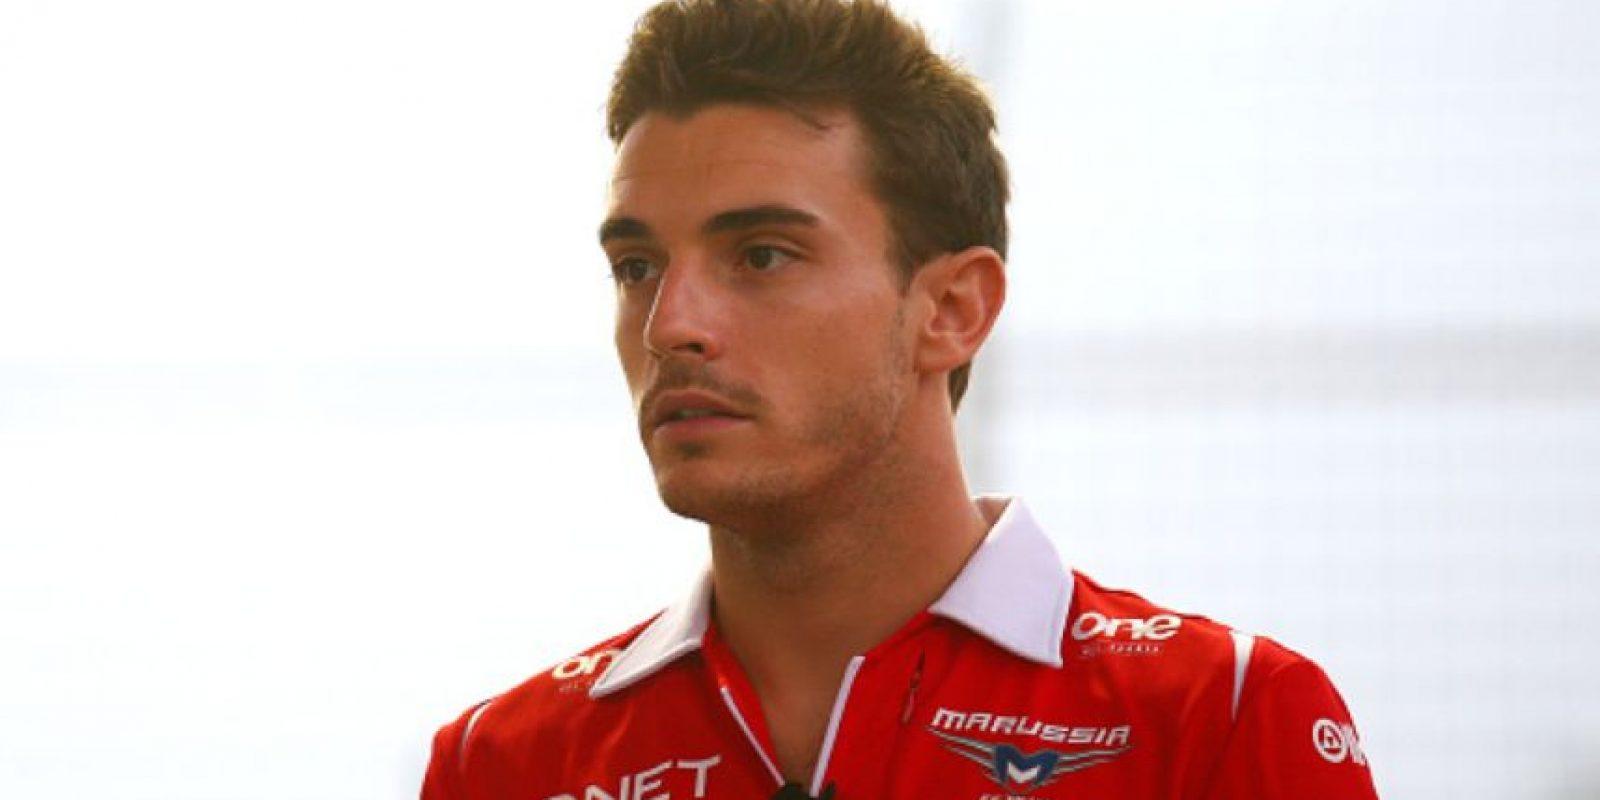 Jules Bianchi tenía 25 años. Un grave accidente lo dejó en un coma que no pudo superar. Foto:vía Getty Images